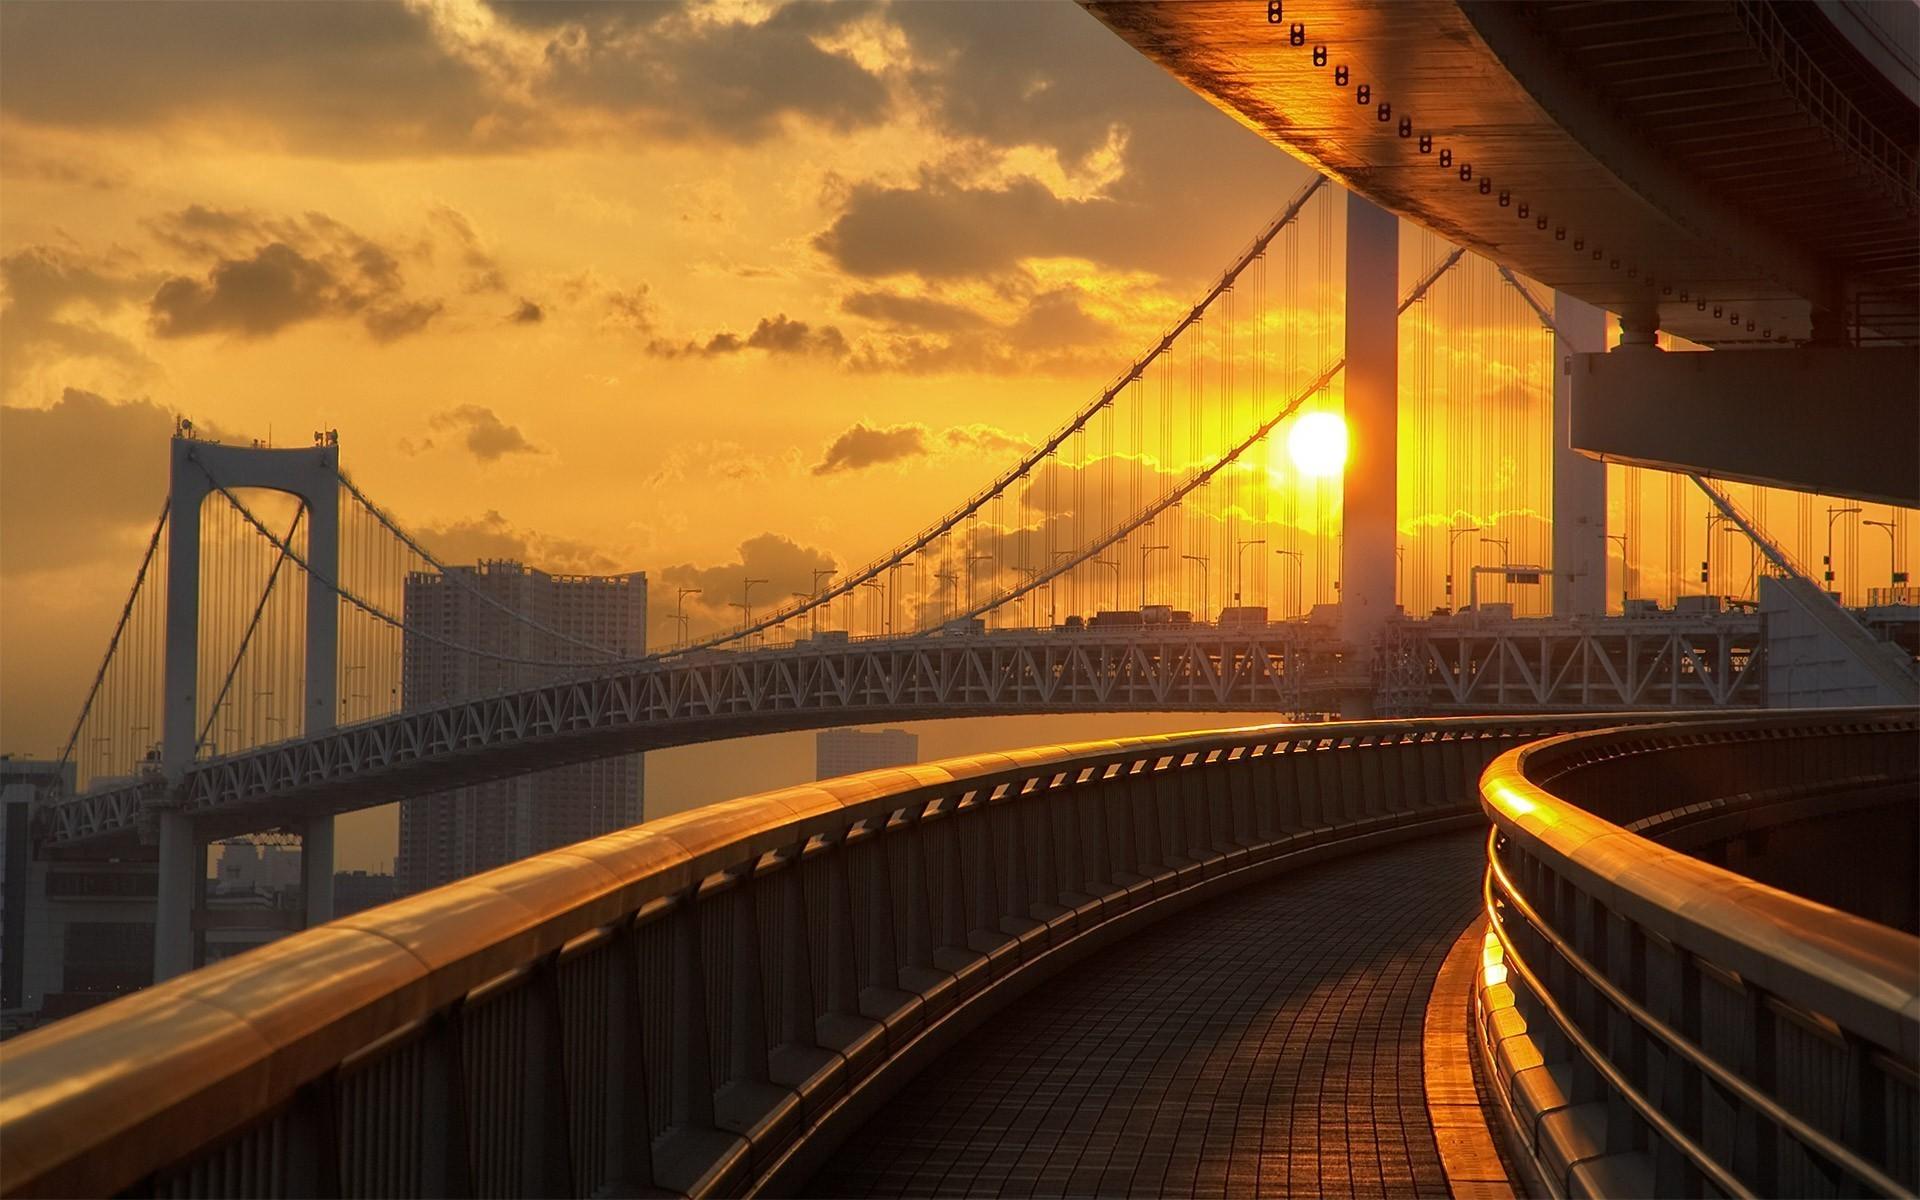 Japan 4K Sunset Wallpapers   Free 4K Wallpaper